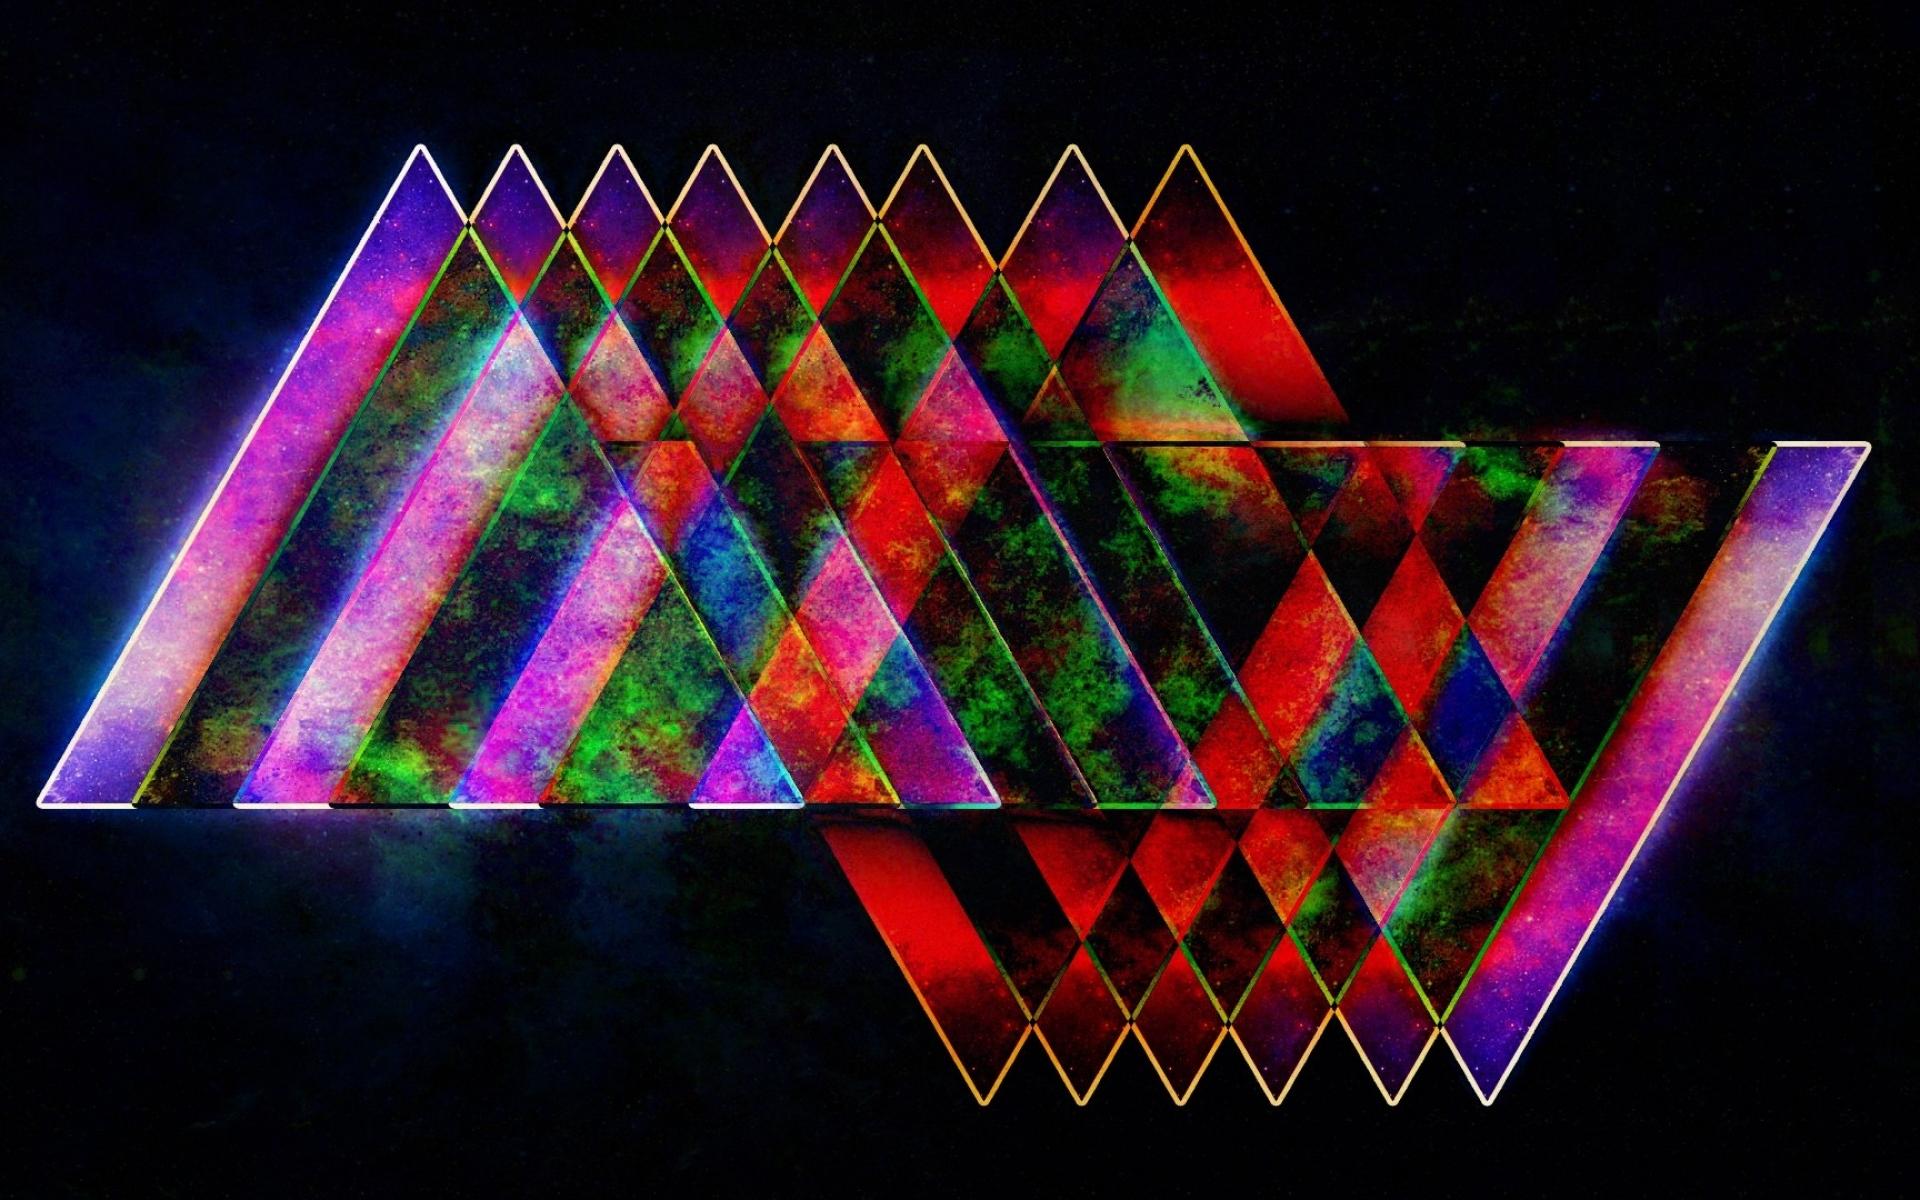 Картинки формы, фон, яркое, разноцветное фото и обои на рабочий стол